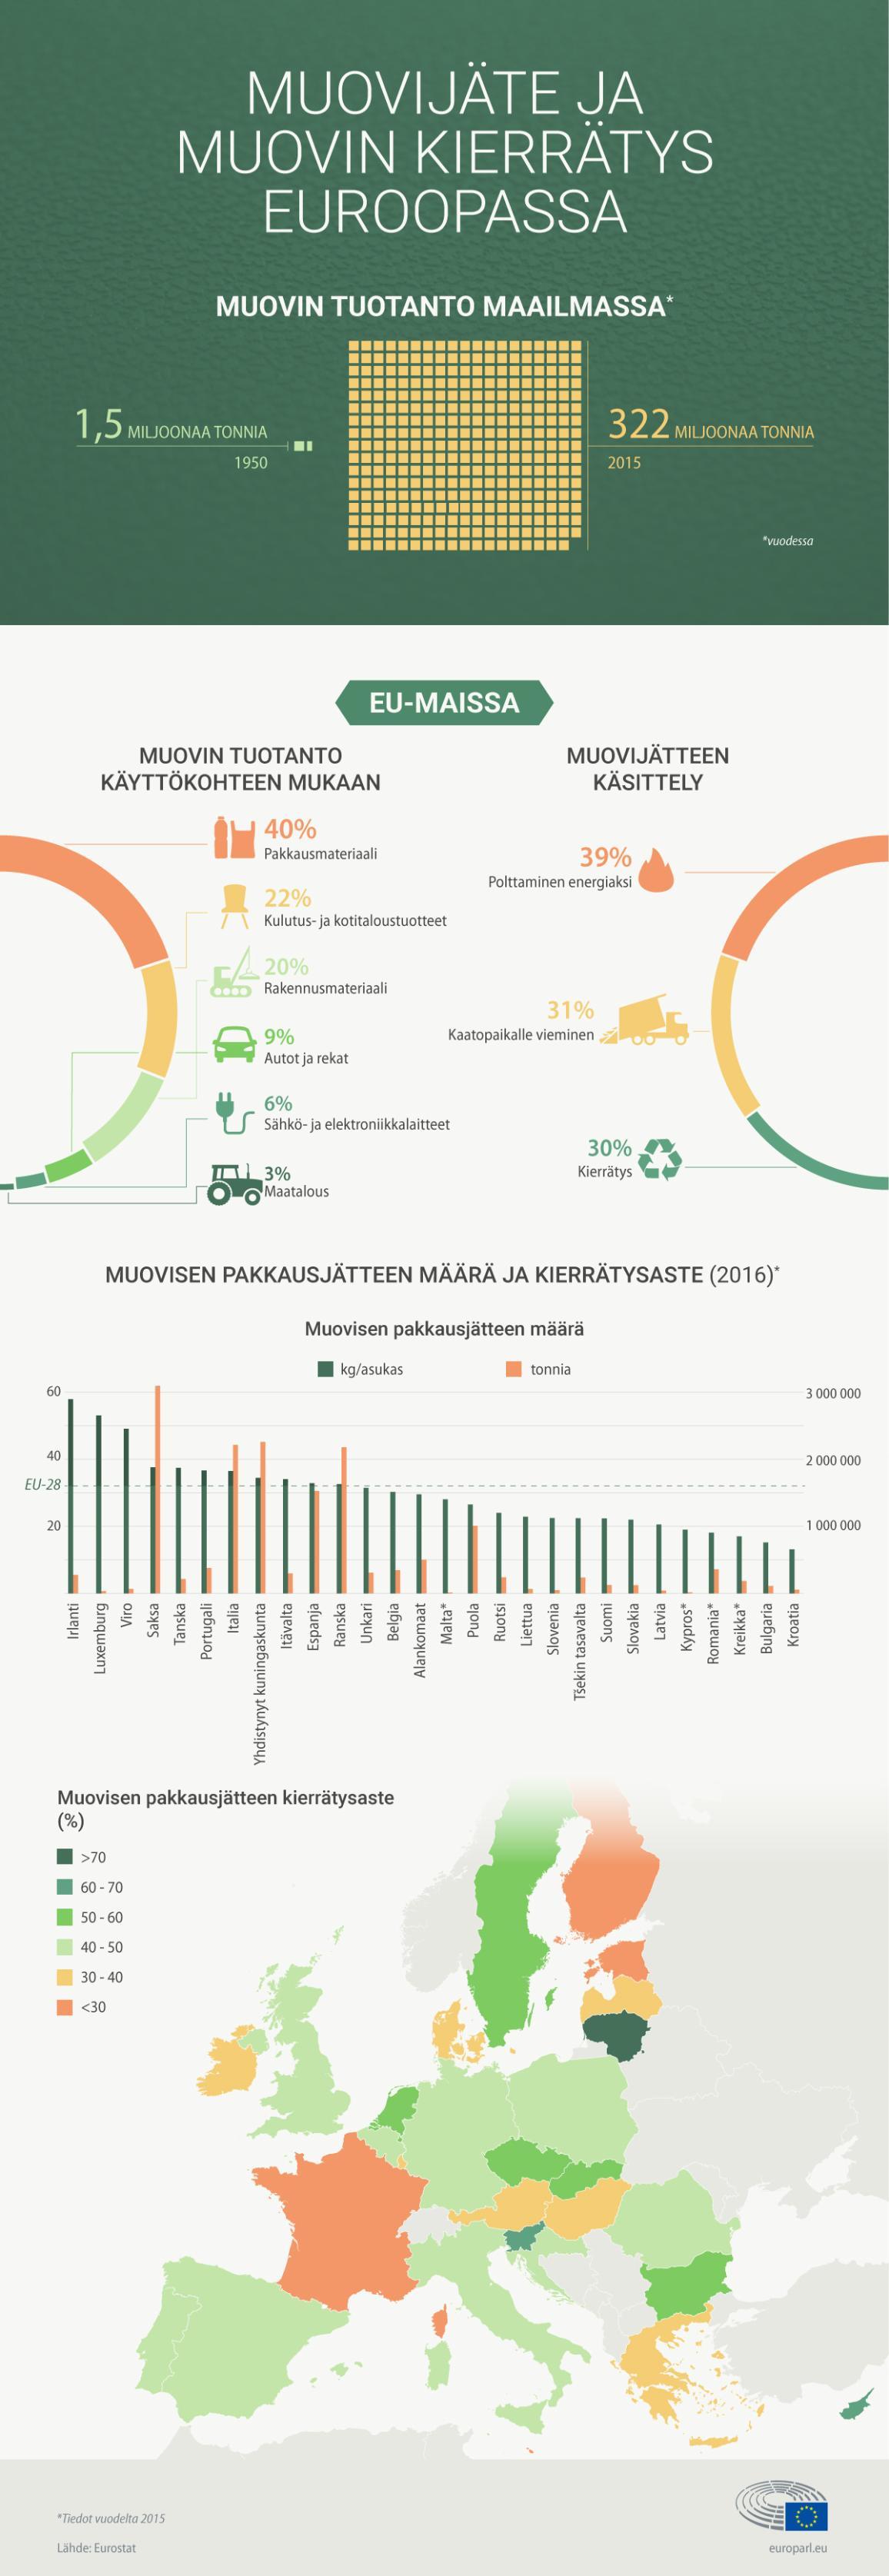 Infografiikka: faktaa ja tilastoja muovijätteestä ja muovin kierrätyksestä Euroopassa. Sisältää myös muovisen pakkausjätteen kierrätysasteen jäsenmaittain.